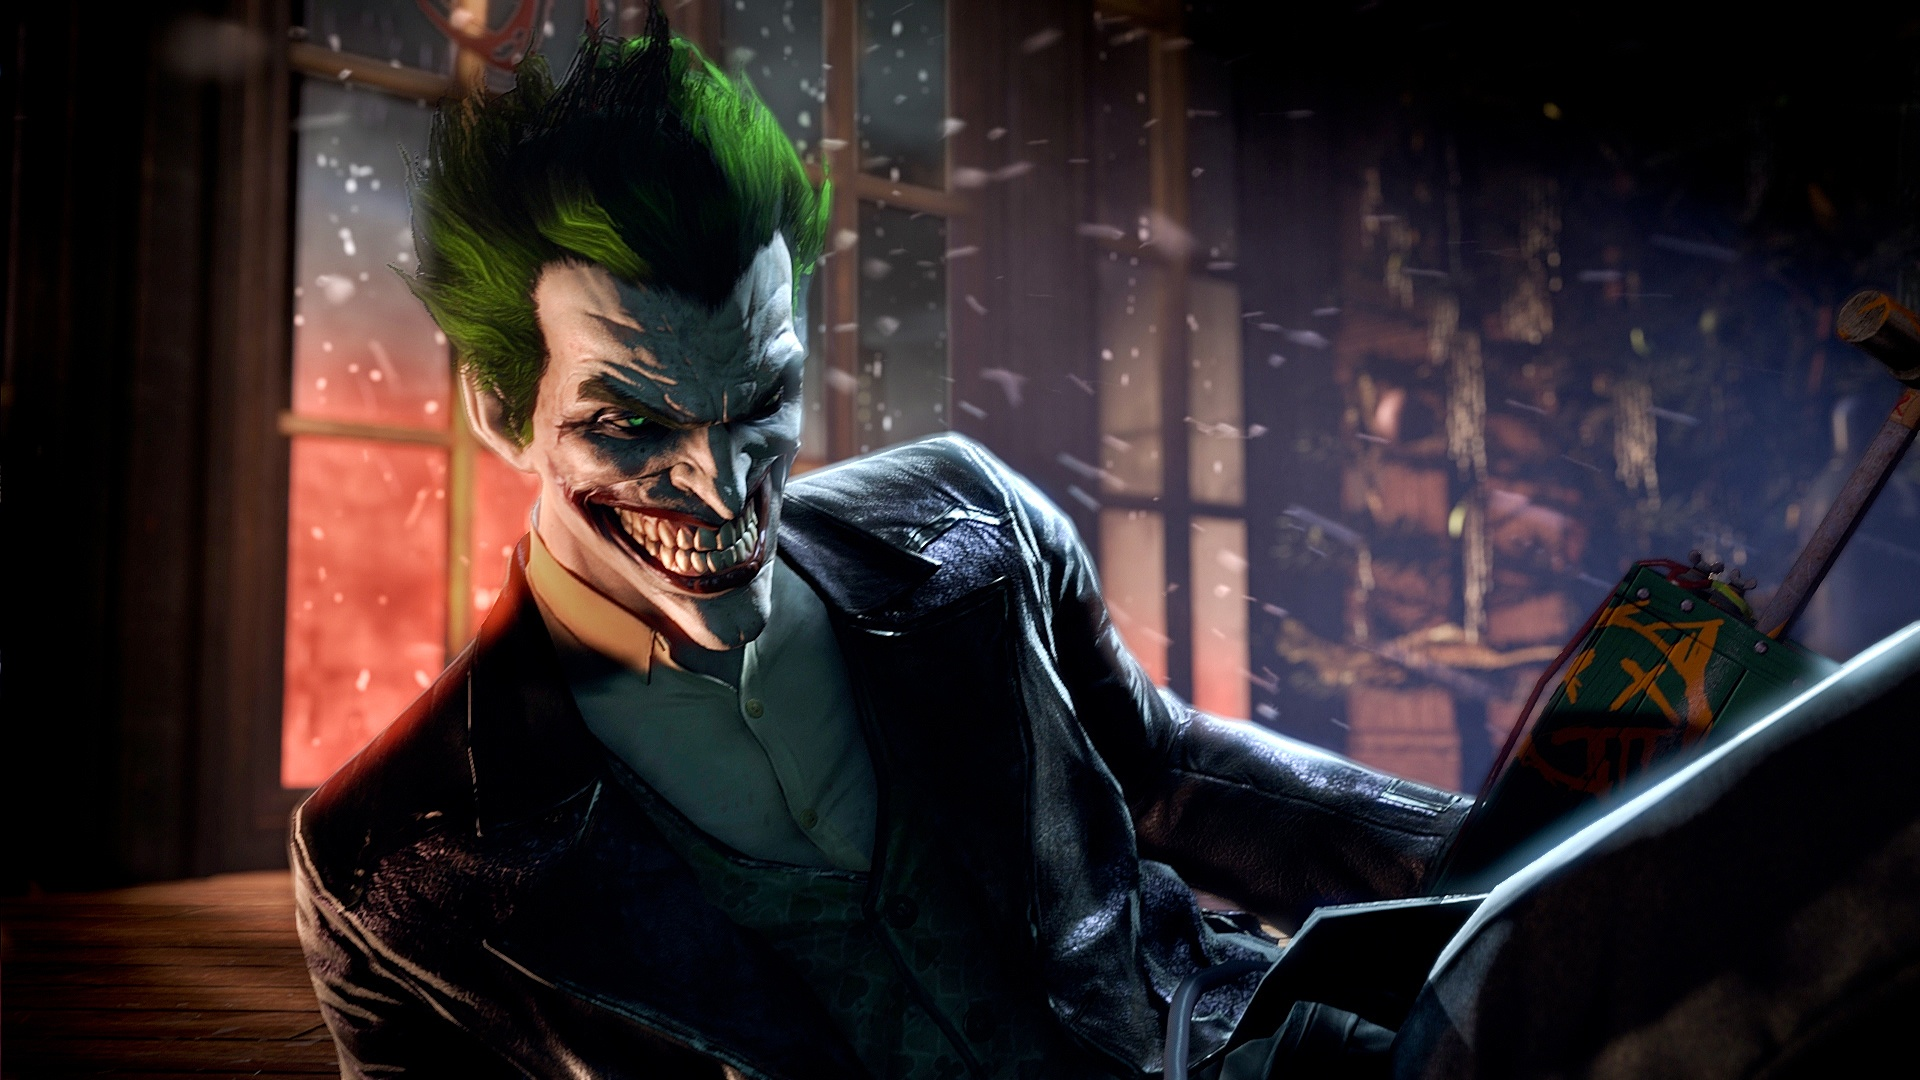 ¿Leonardo DiCaprio el nuevo Joker?